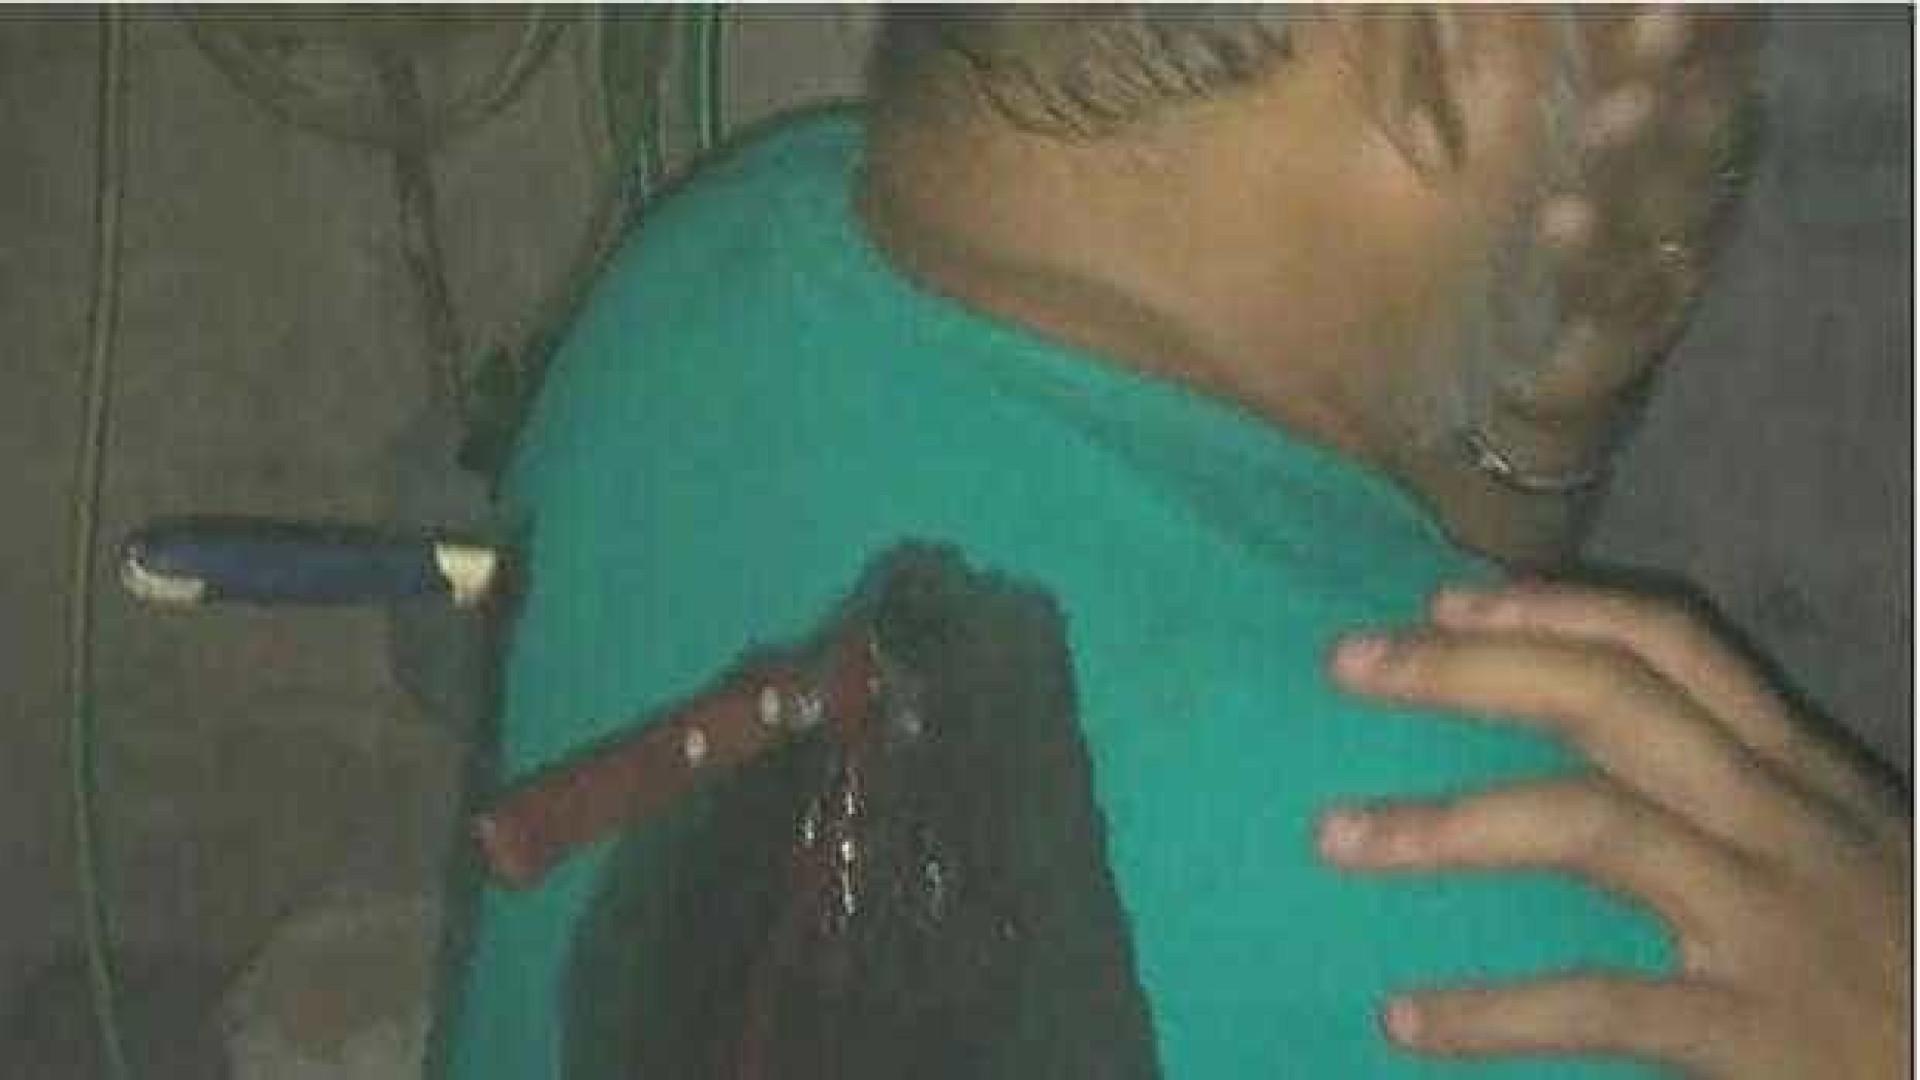 Menina de 12 anos apunhala namorado da mãe com duas facas